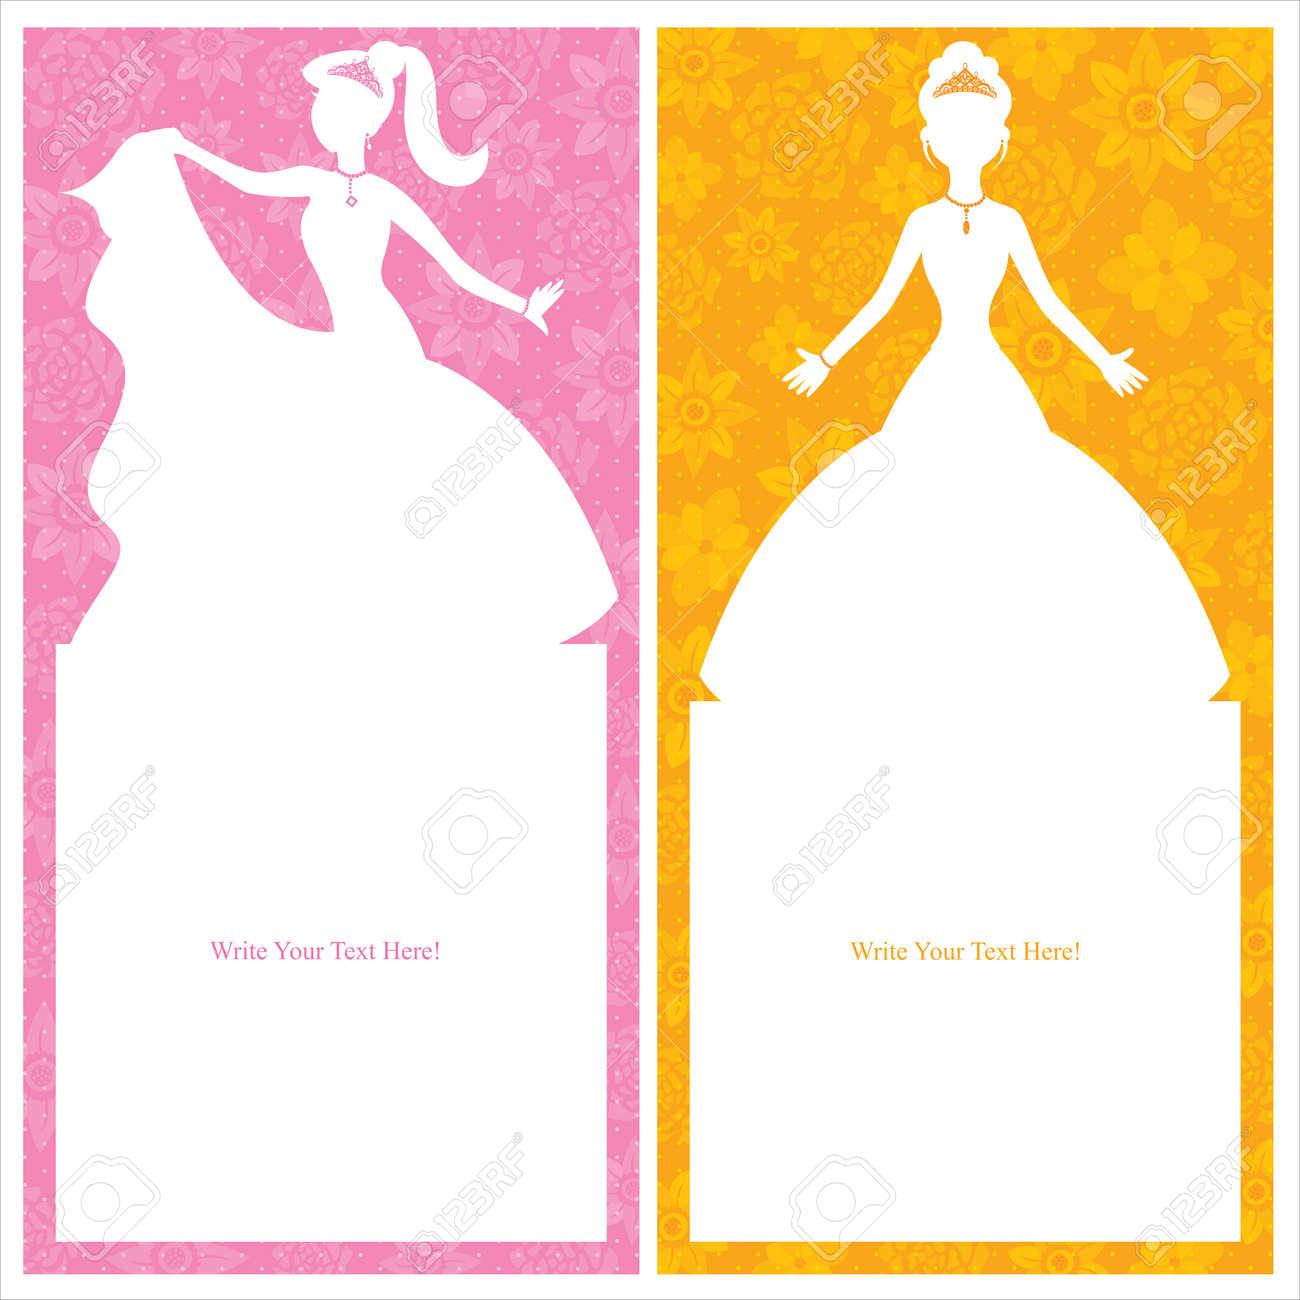 princess card design - 30443779